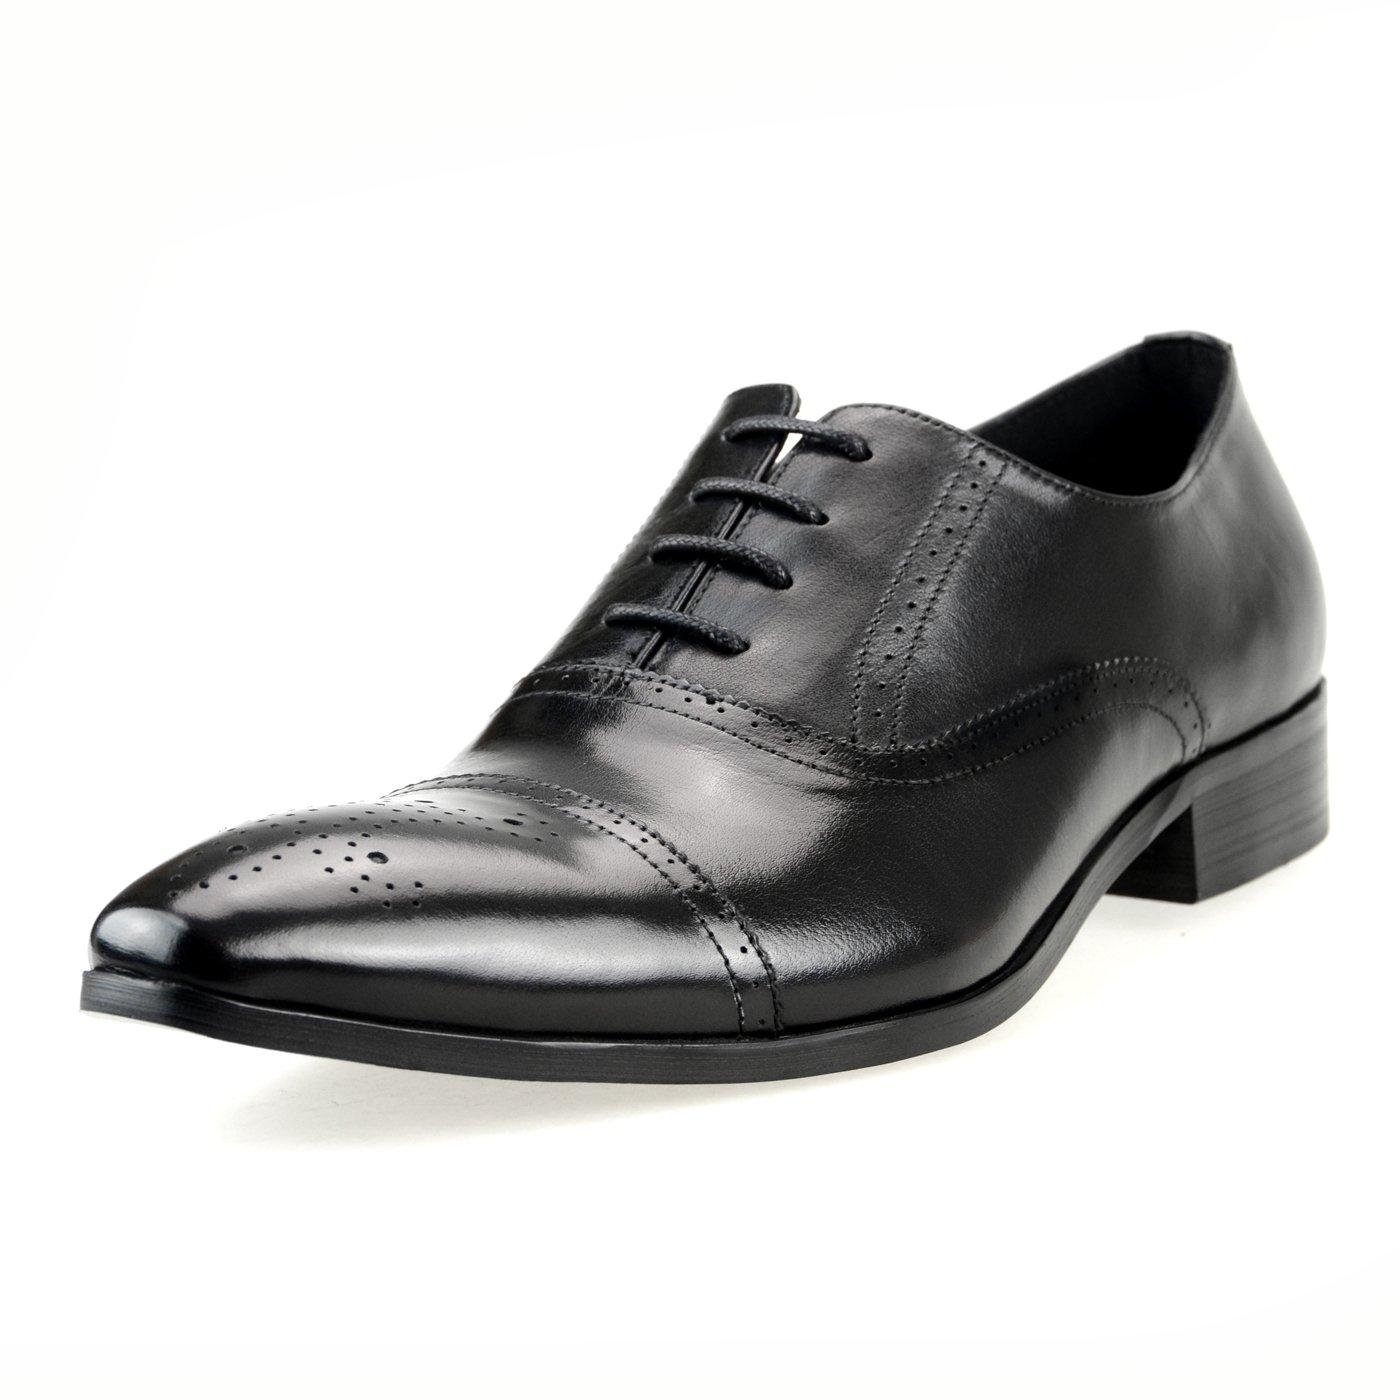 [ルシウス] LUCIUS 本革 レザー メンズ ビジネスシューズ レースアップ ドレス シューズ革靴 紳士靴 【AZ93B】 B00UH2BVMM 26.0 cm 3E|LLT79-1 ブラック LLT79-1 ブラック 26.0 cm 3E